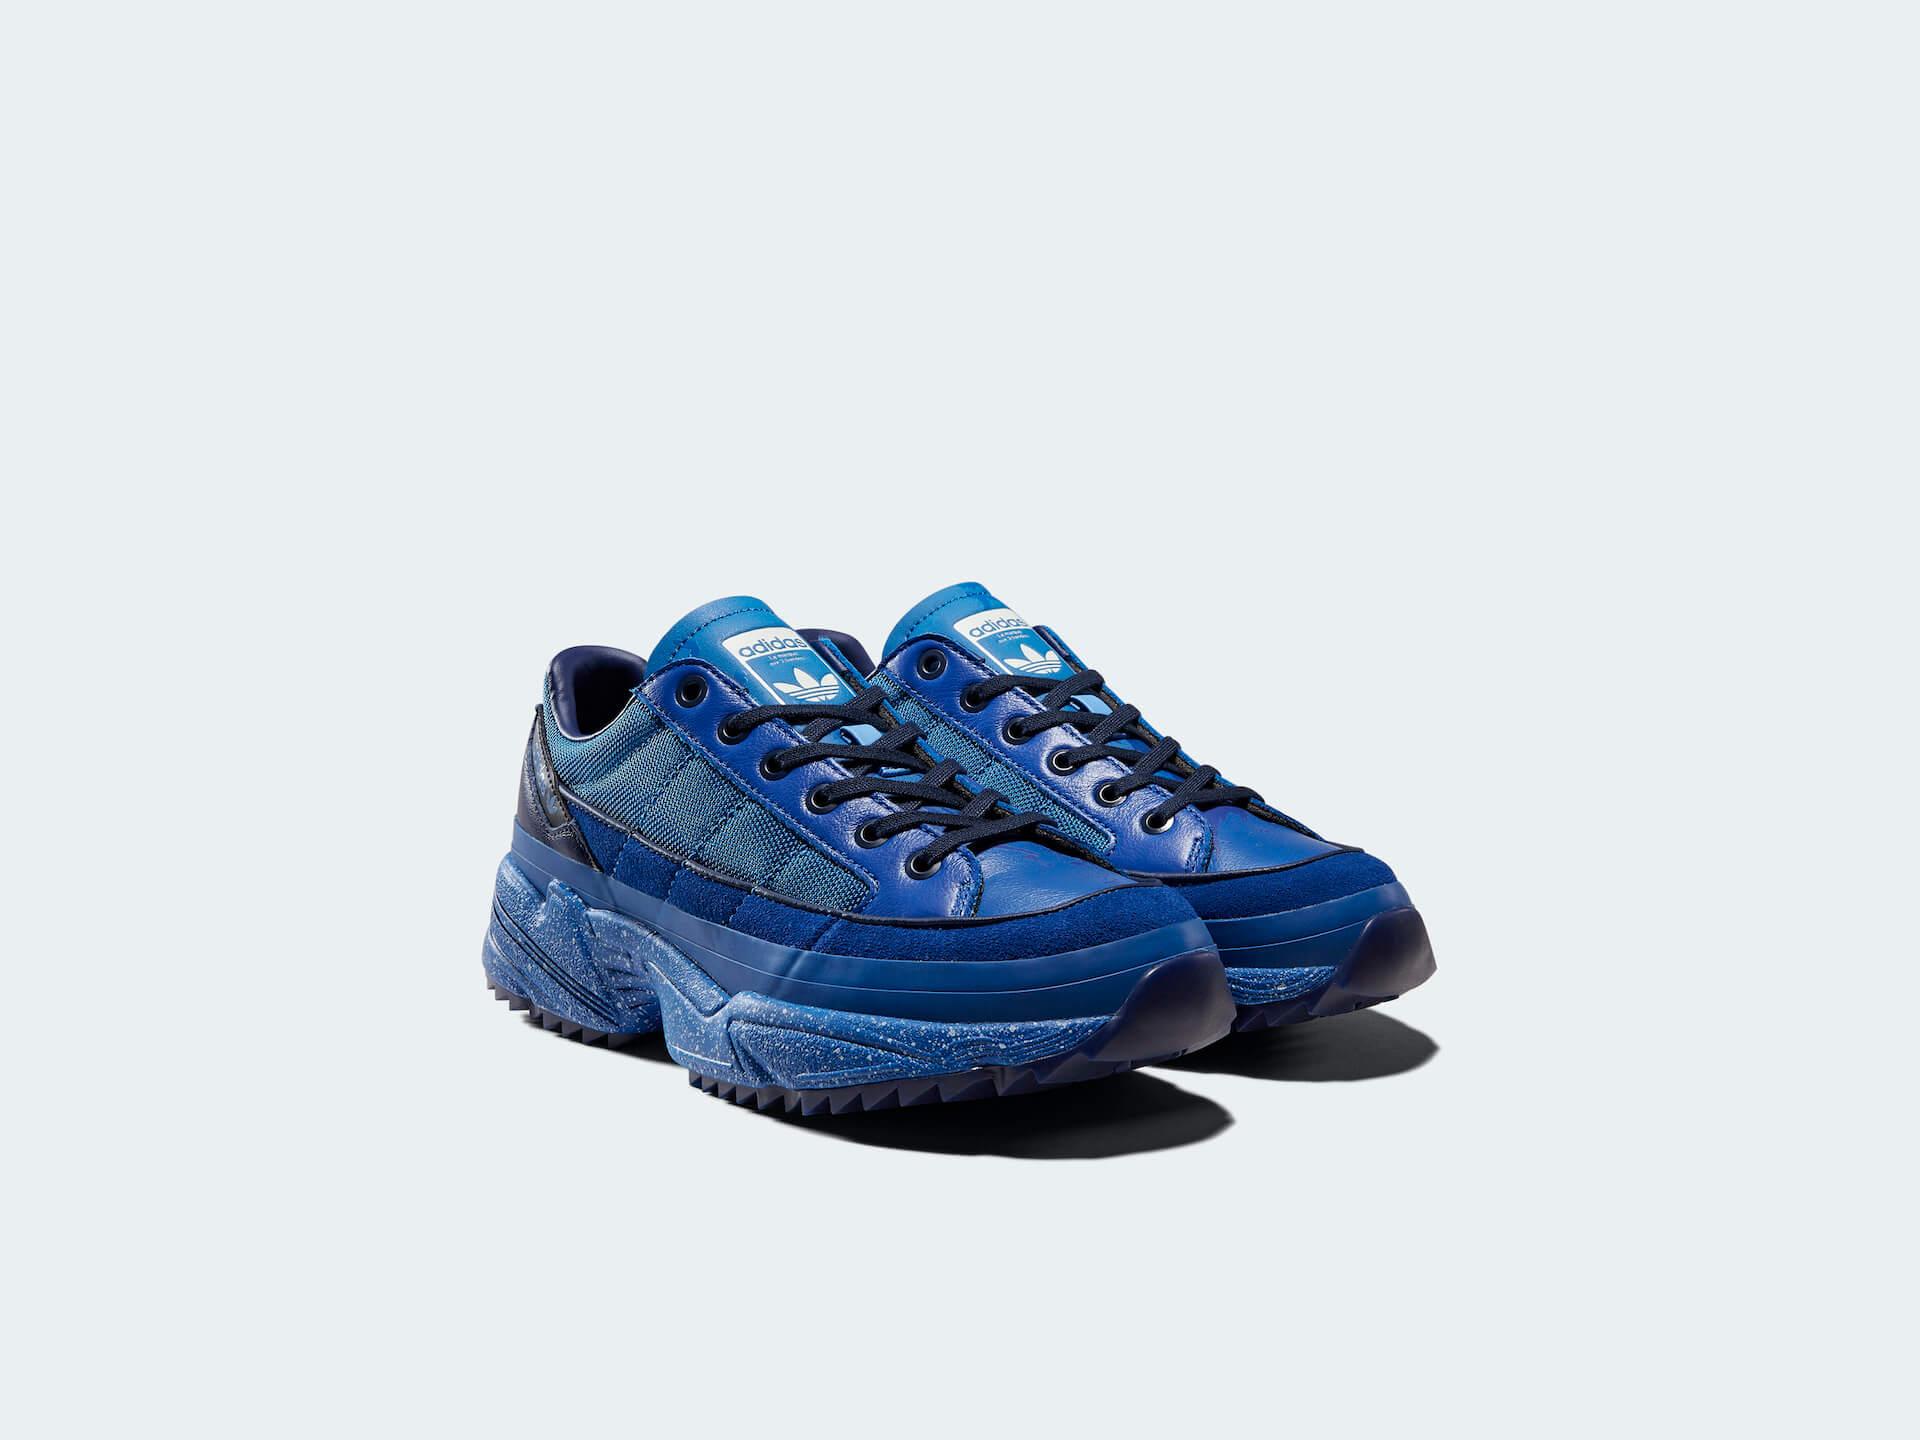 adidas Originals × Angel Chenのカプセルコレクションが登場!水泳や書道からインスパイアされたフットウェア4型 lf200529_adidas_angelchen_12